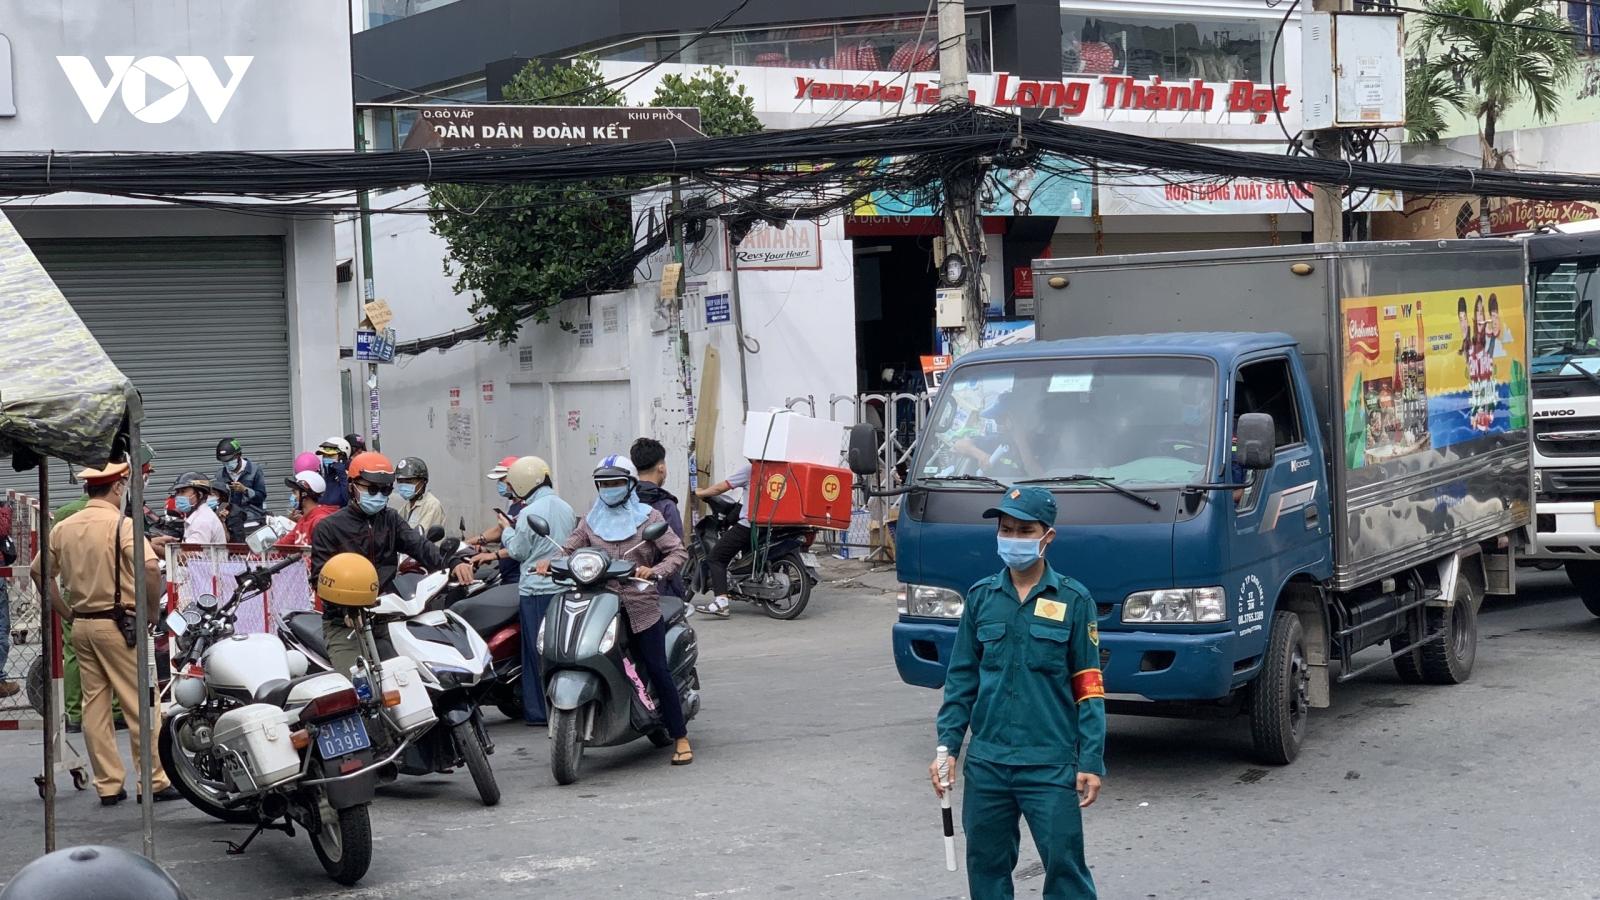 TP.HCM xem xét việc giãn cách xã hội ở quận Gò Vấp và Quận 12